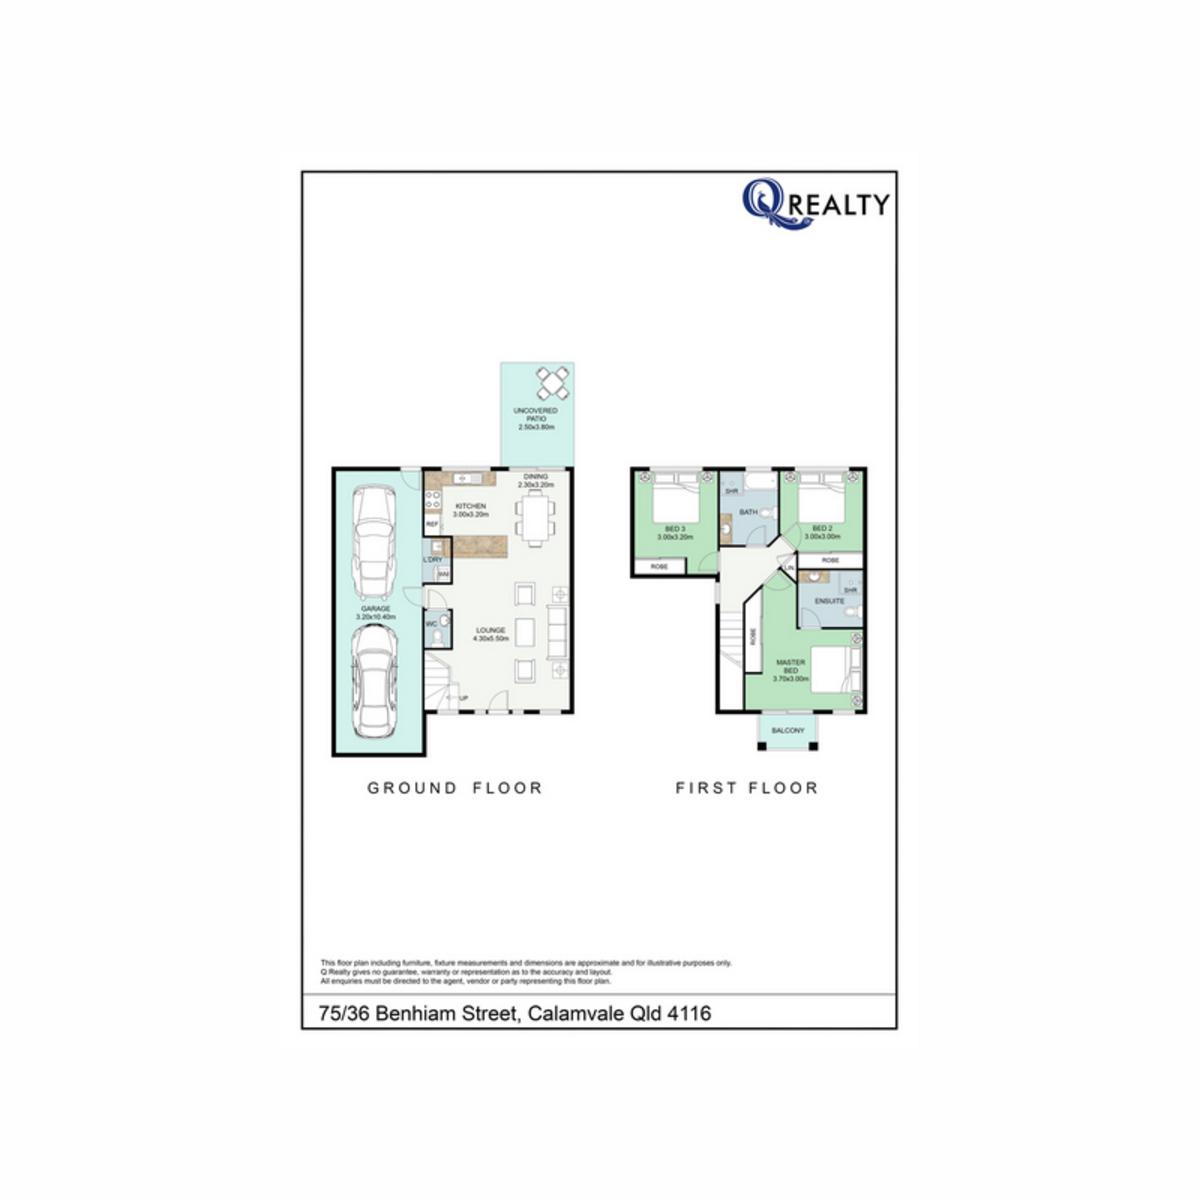 75/36 Benhiam Street, Calamvale  QLD  4116